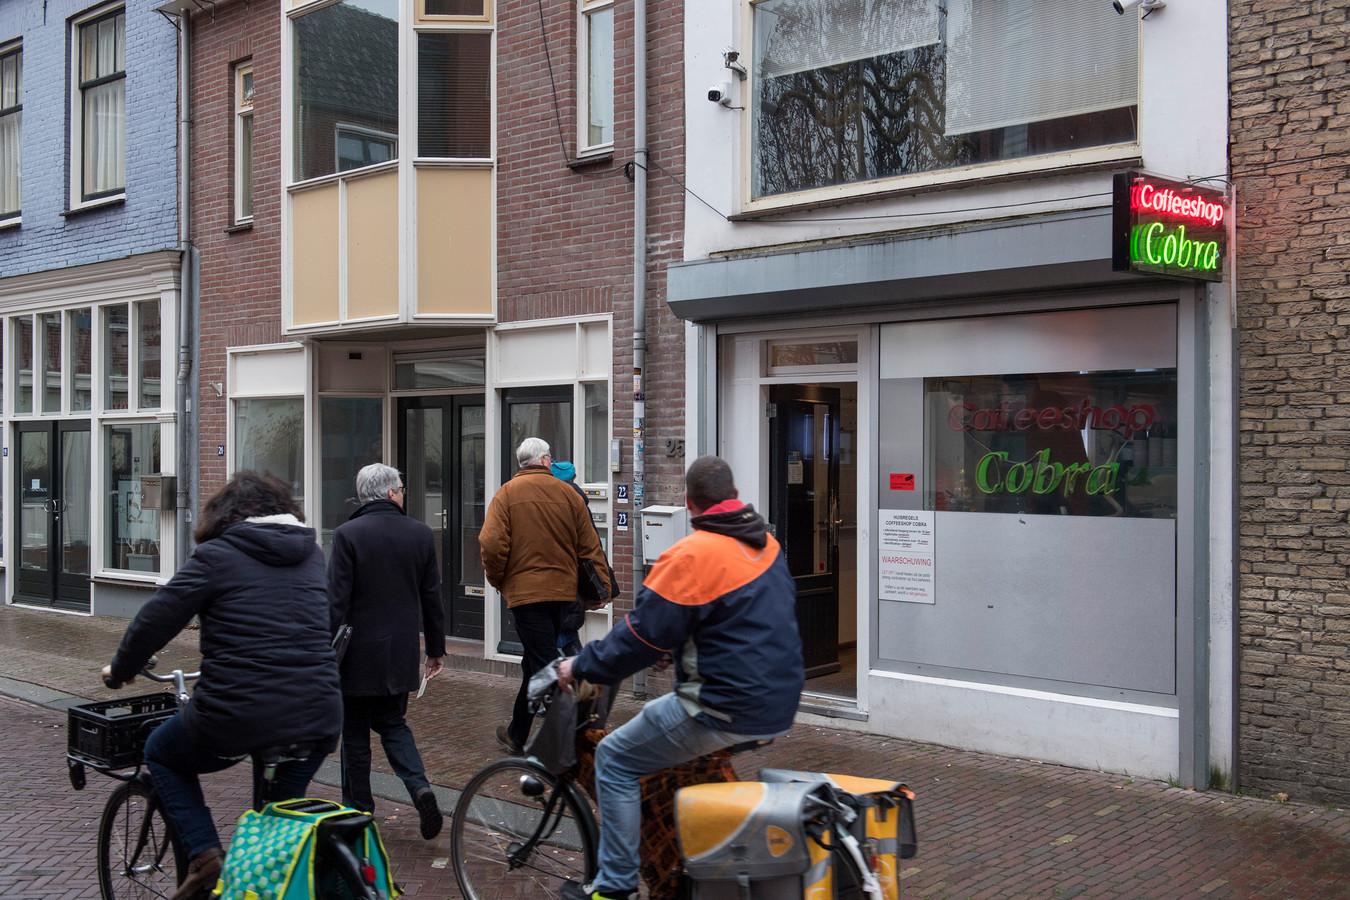 Coffeeshop Cobra in de Tolhuisstraat is één van de vier coffeeshops die het Tielse centrum rijk is.